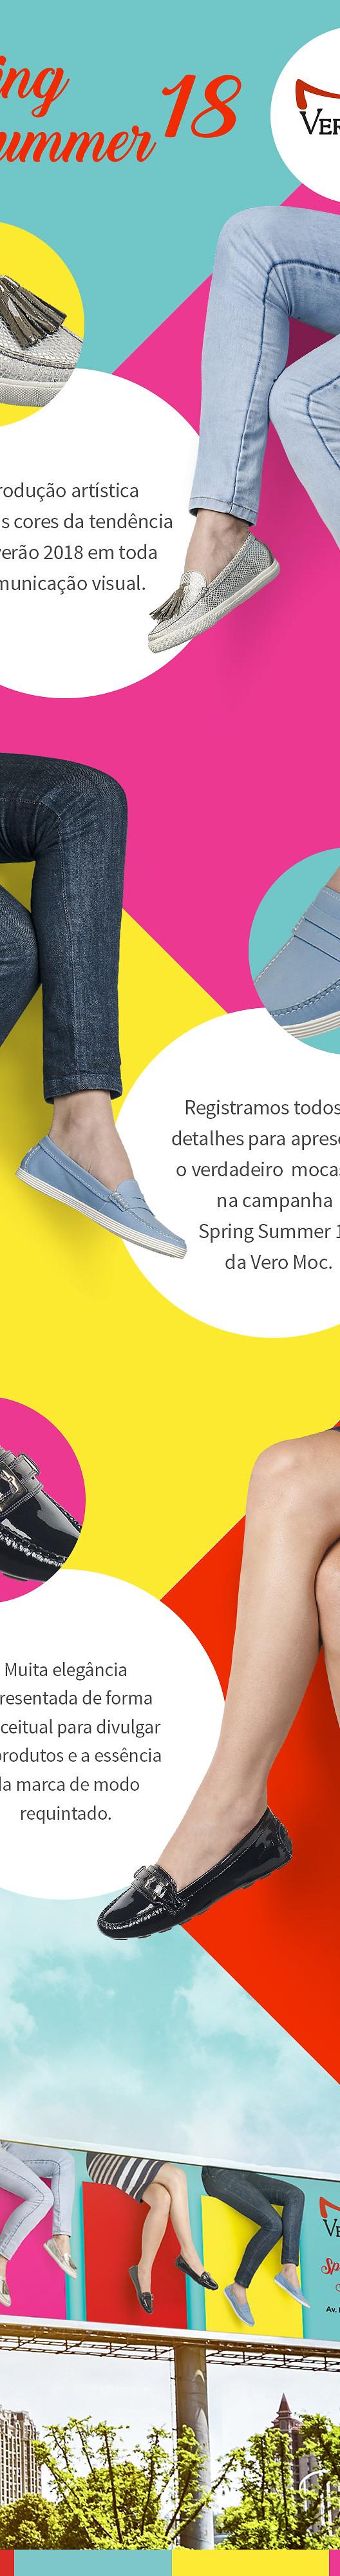 Spring Summer 18 | Vero Moc